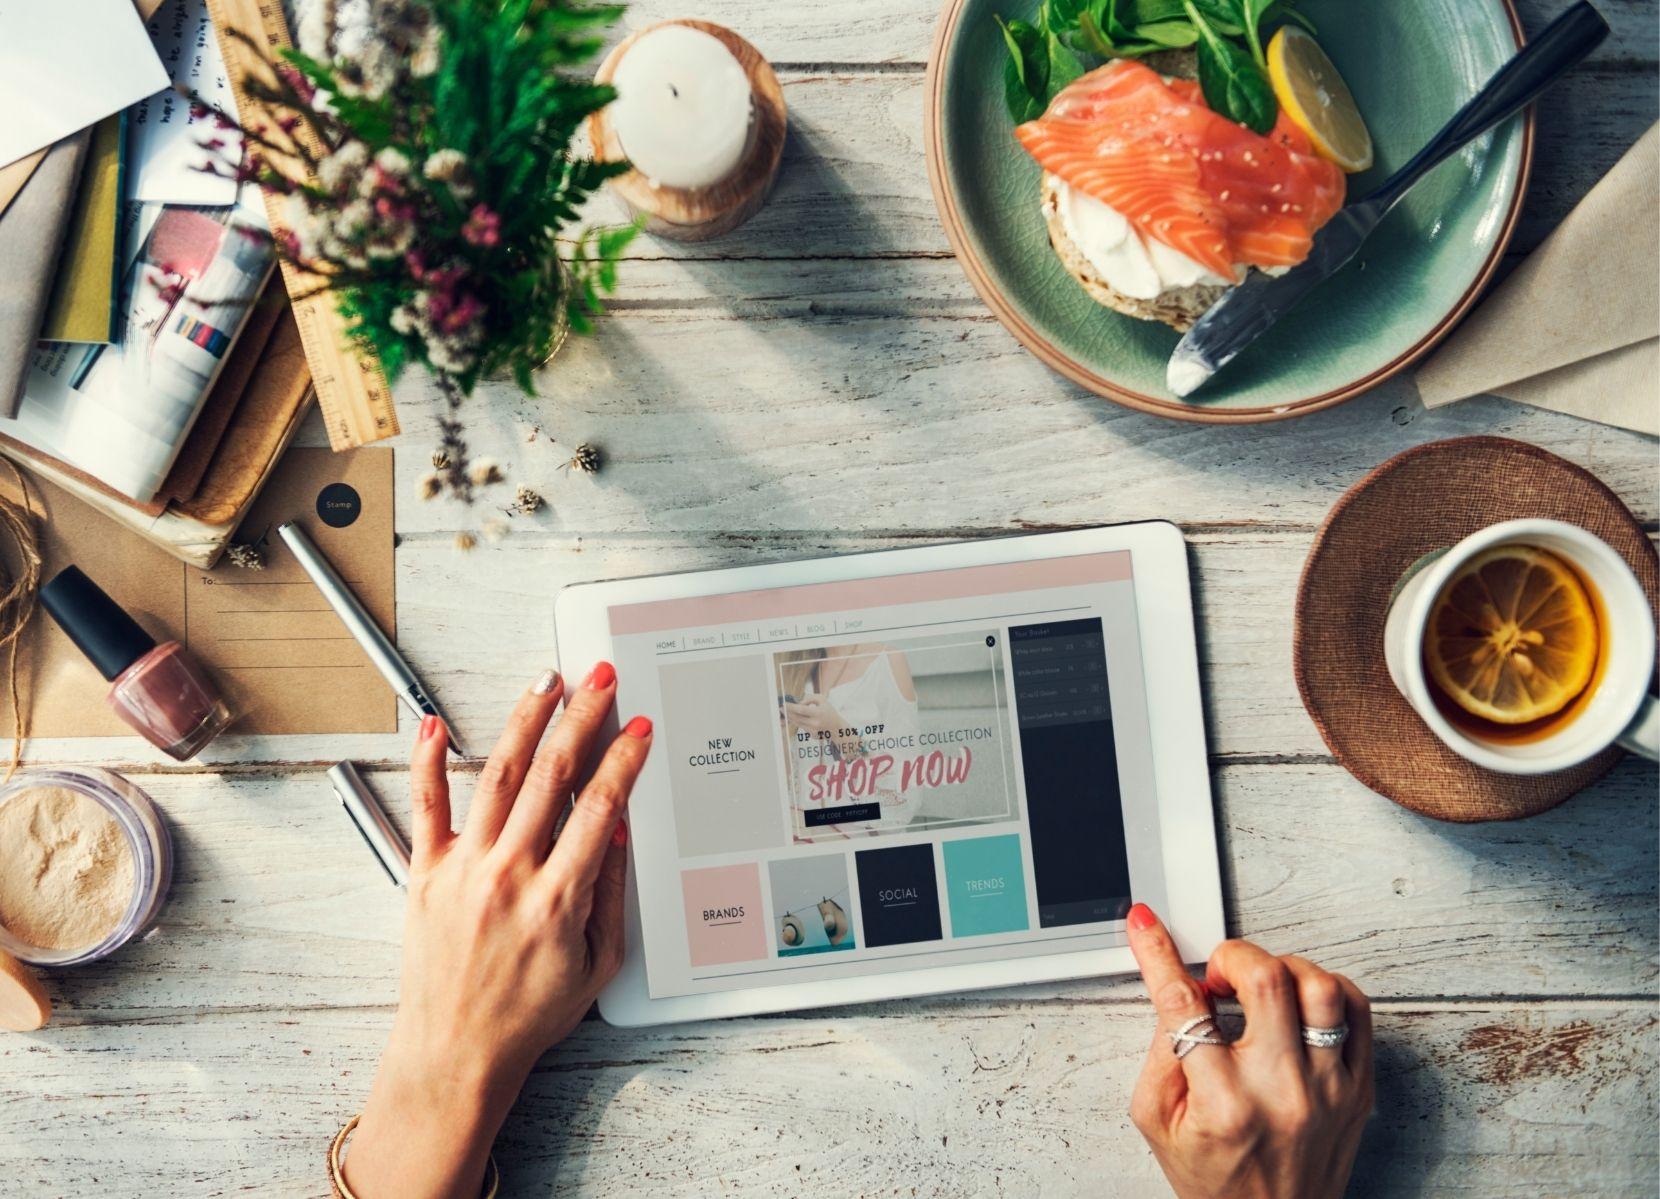 Een vrouw met een tablet die een webshop aan het bekijken is